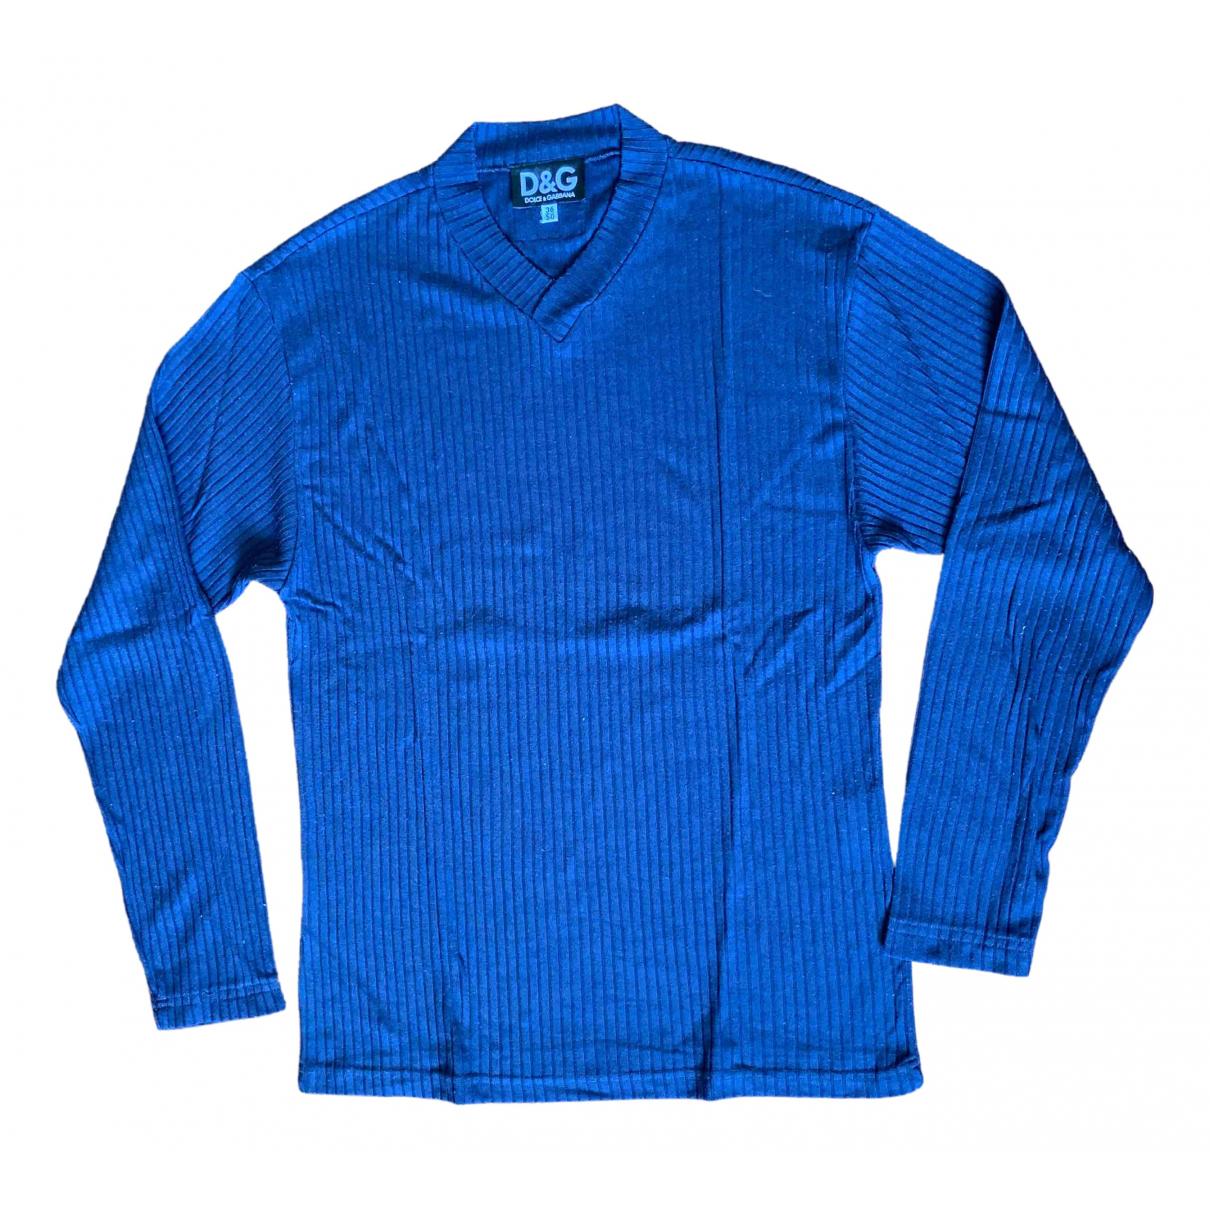 D&g - Tee shirts   pour homme en autre - bleu